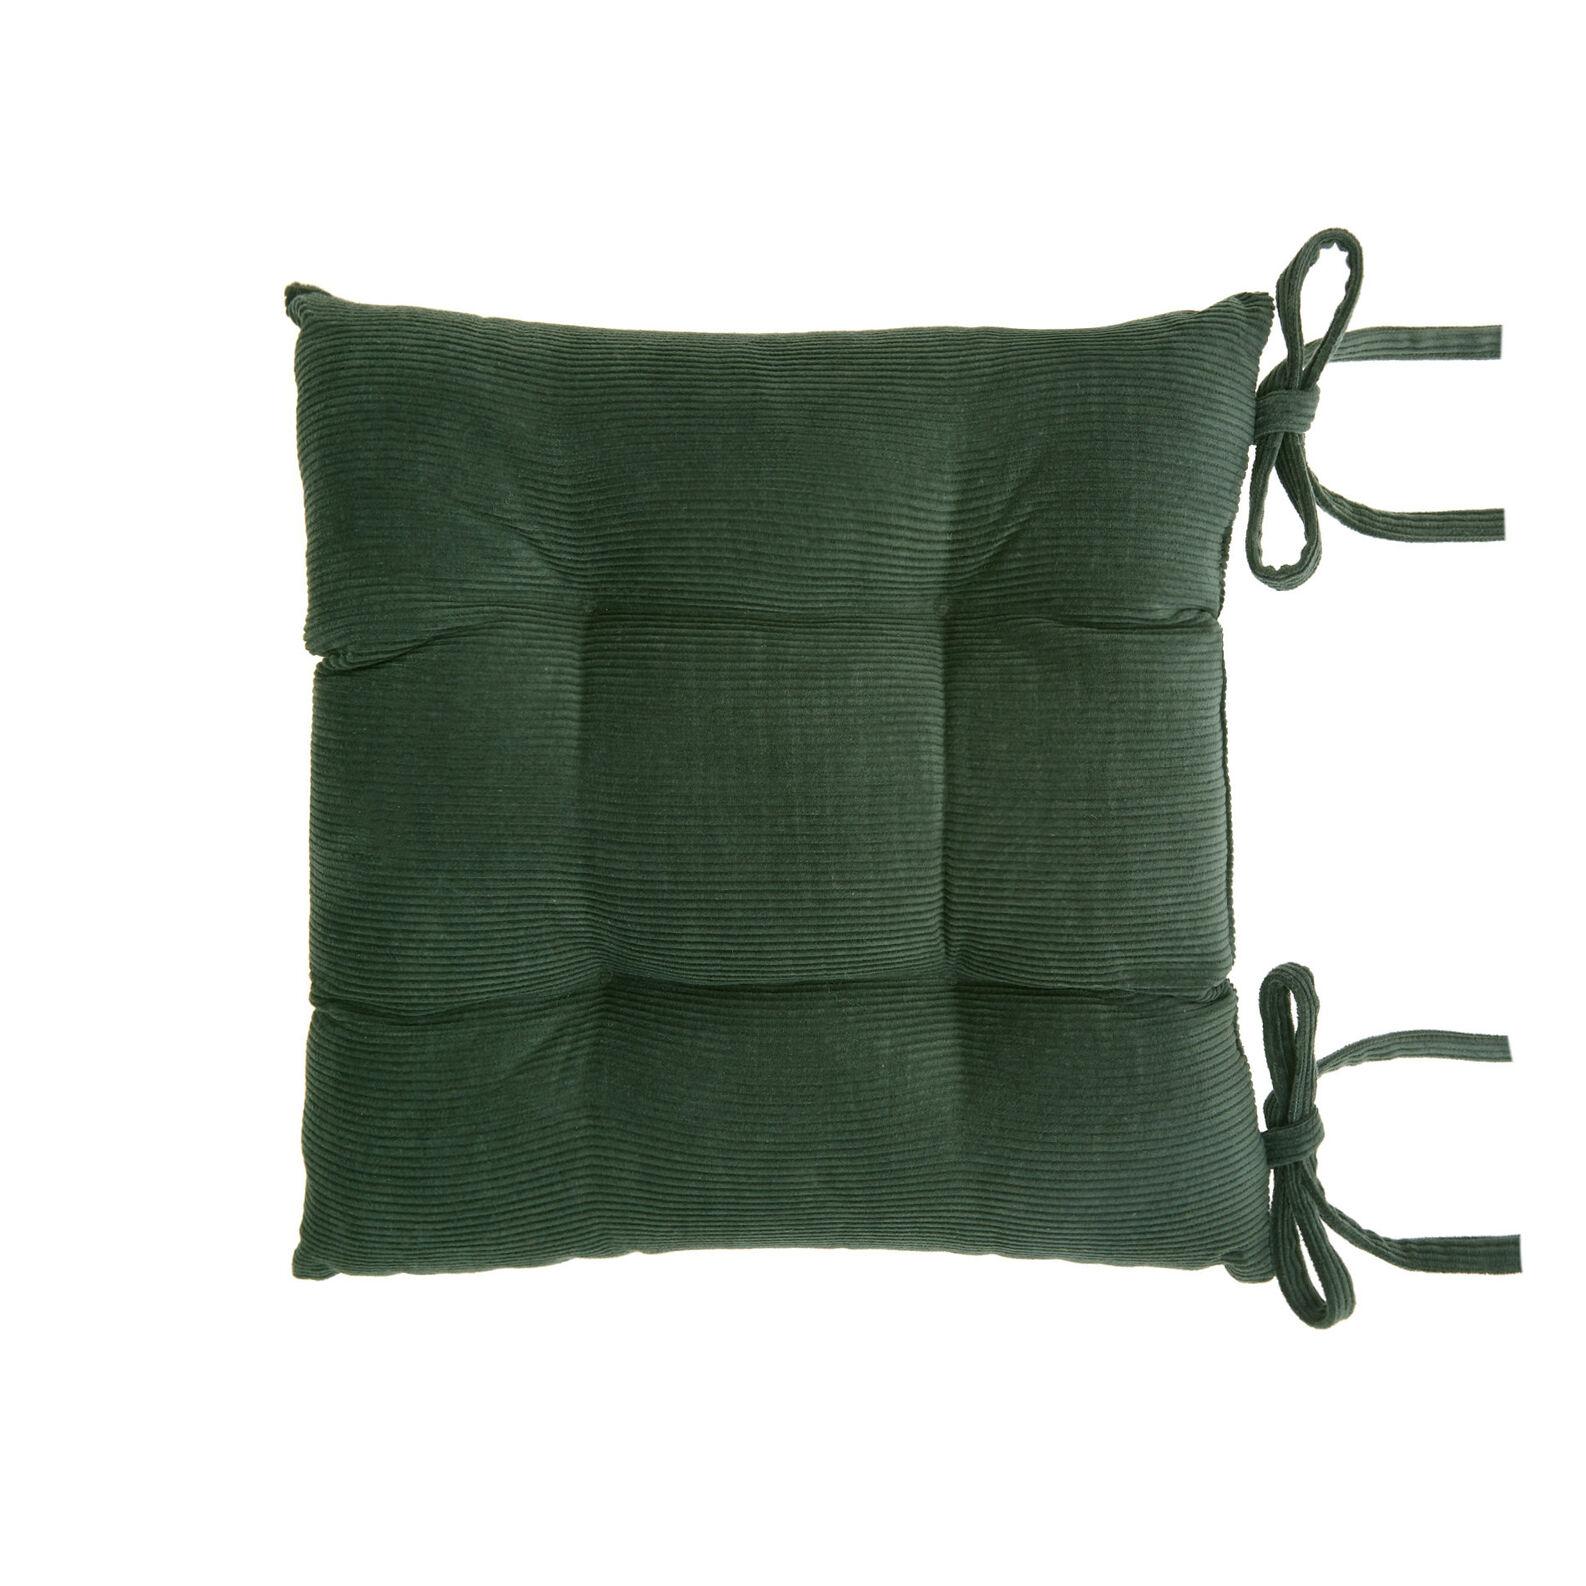 Solid colour cotton corduroy seat pad